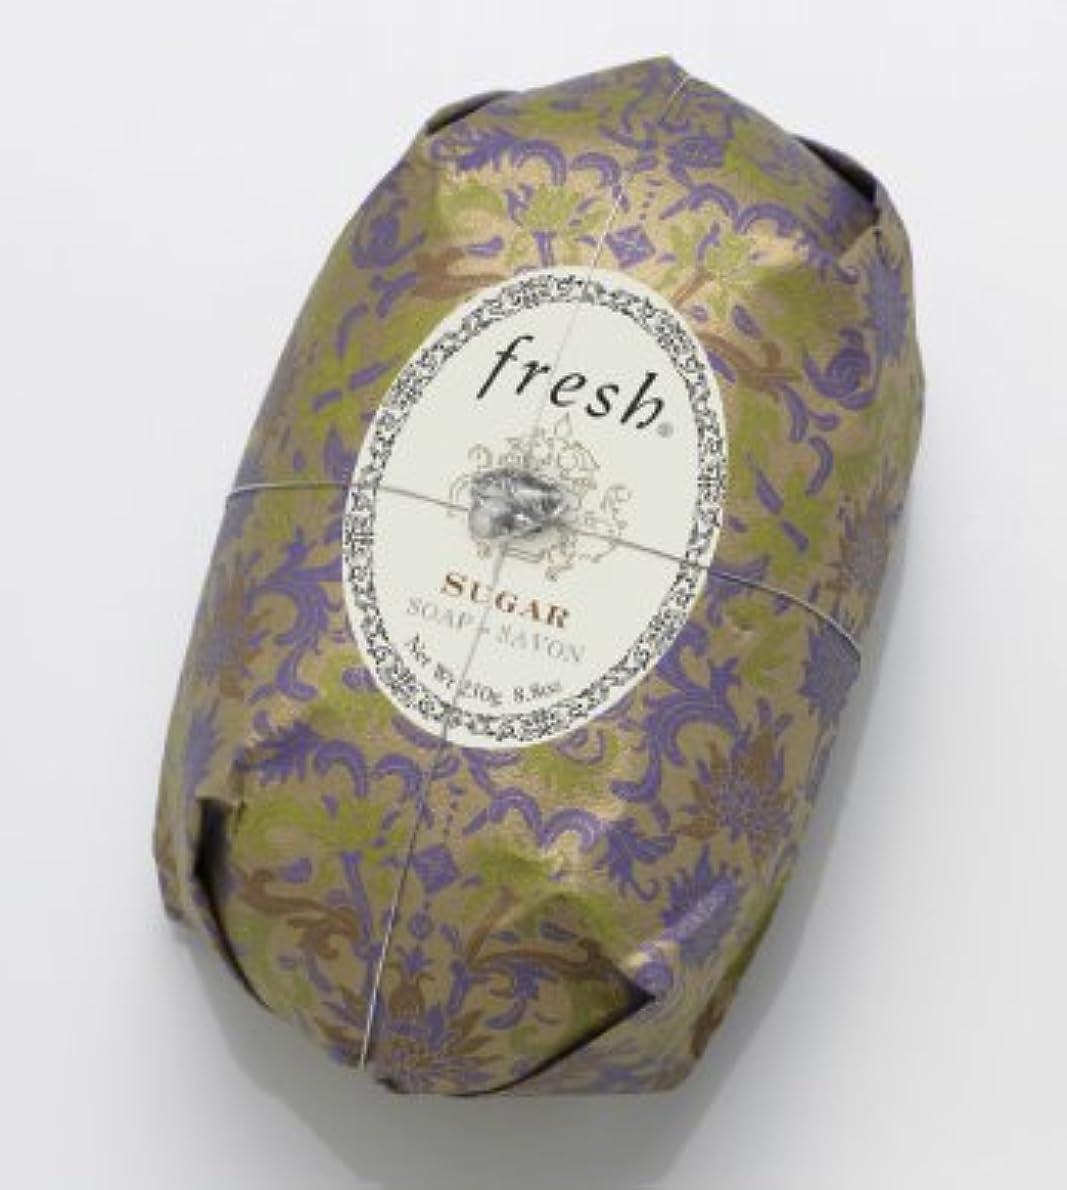 偶然の文献ゴミ箱を空にするFresh SUGAR SOAP (フレッシュ シュガー ソープ) 8.8 oz (250g) Soap (石鹸) by Fresh